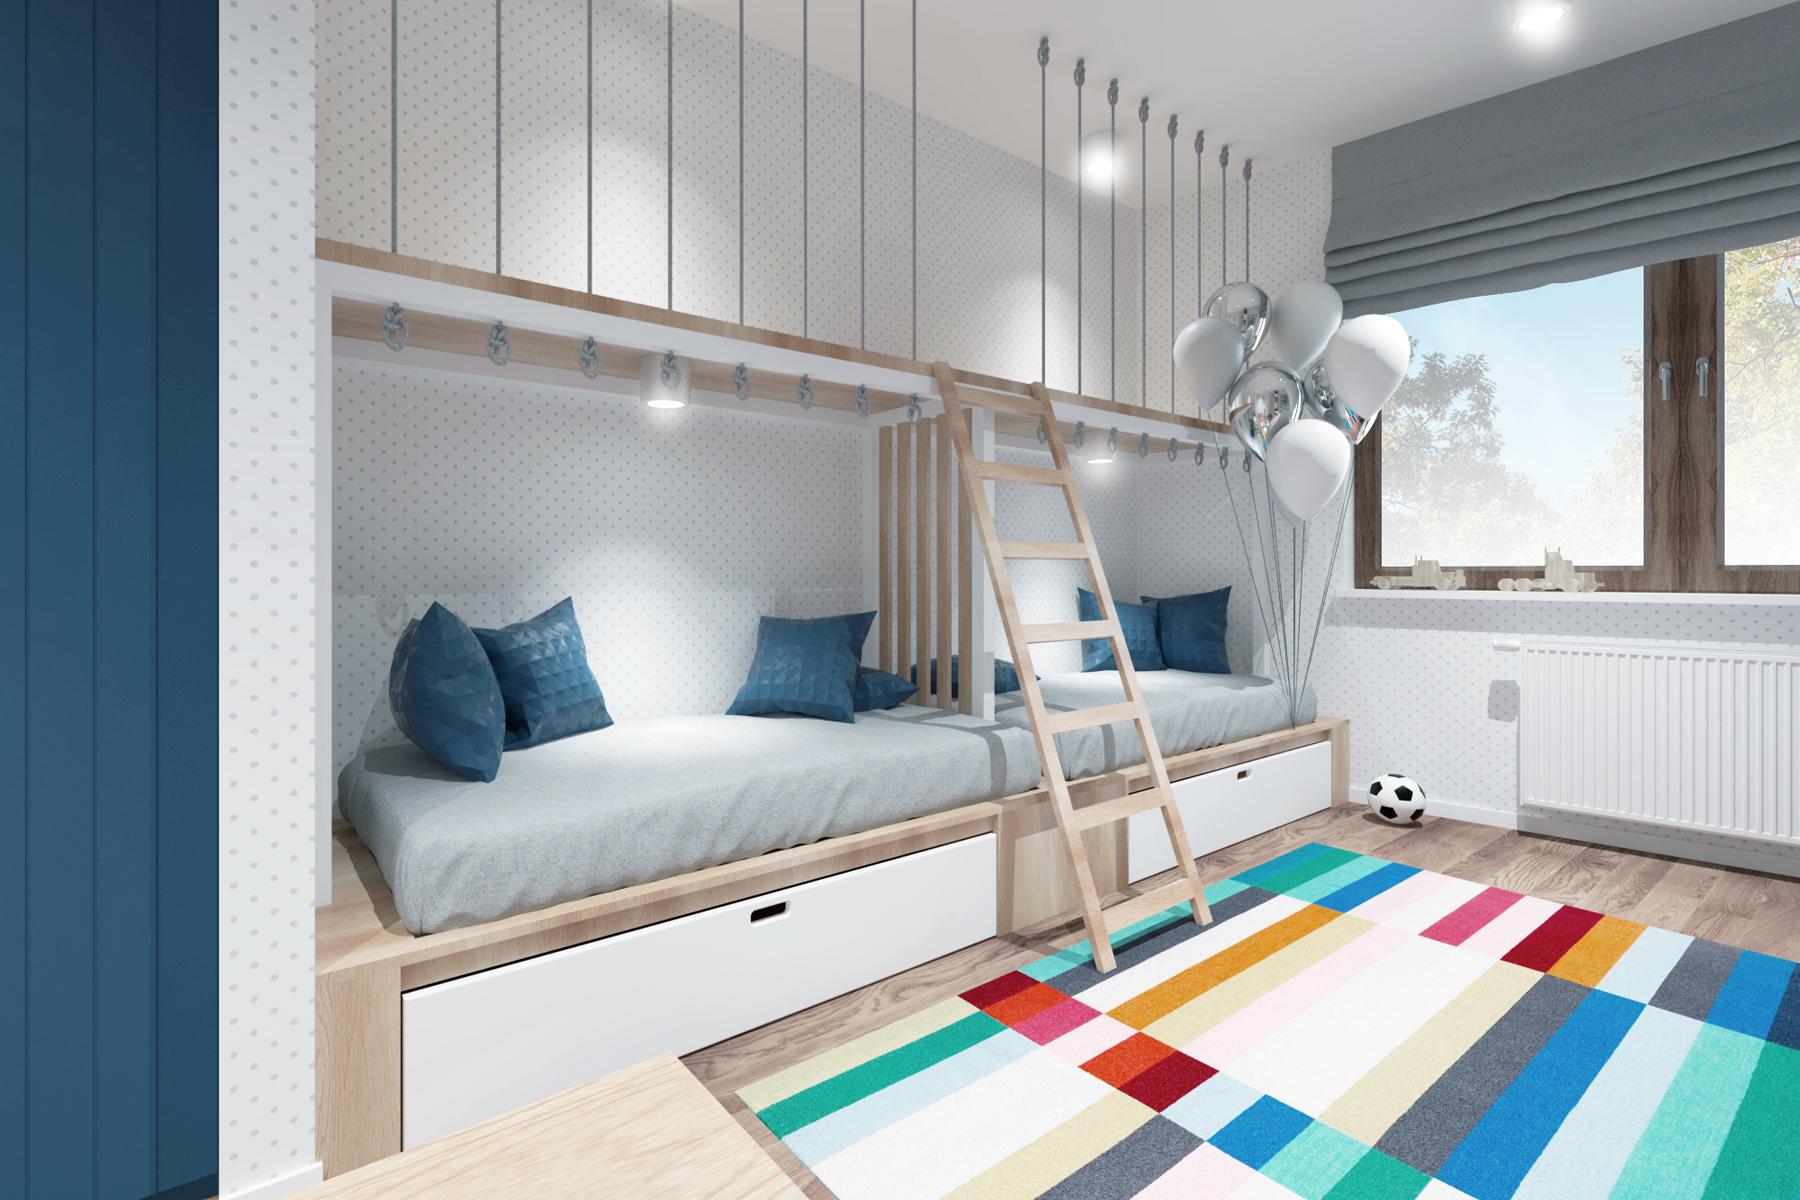 Projekty wnętrz - pokój dla bliźniąt.